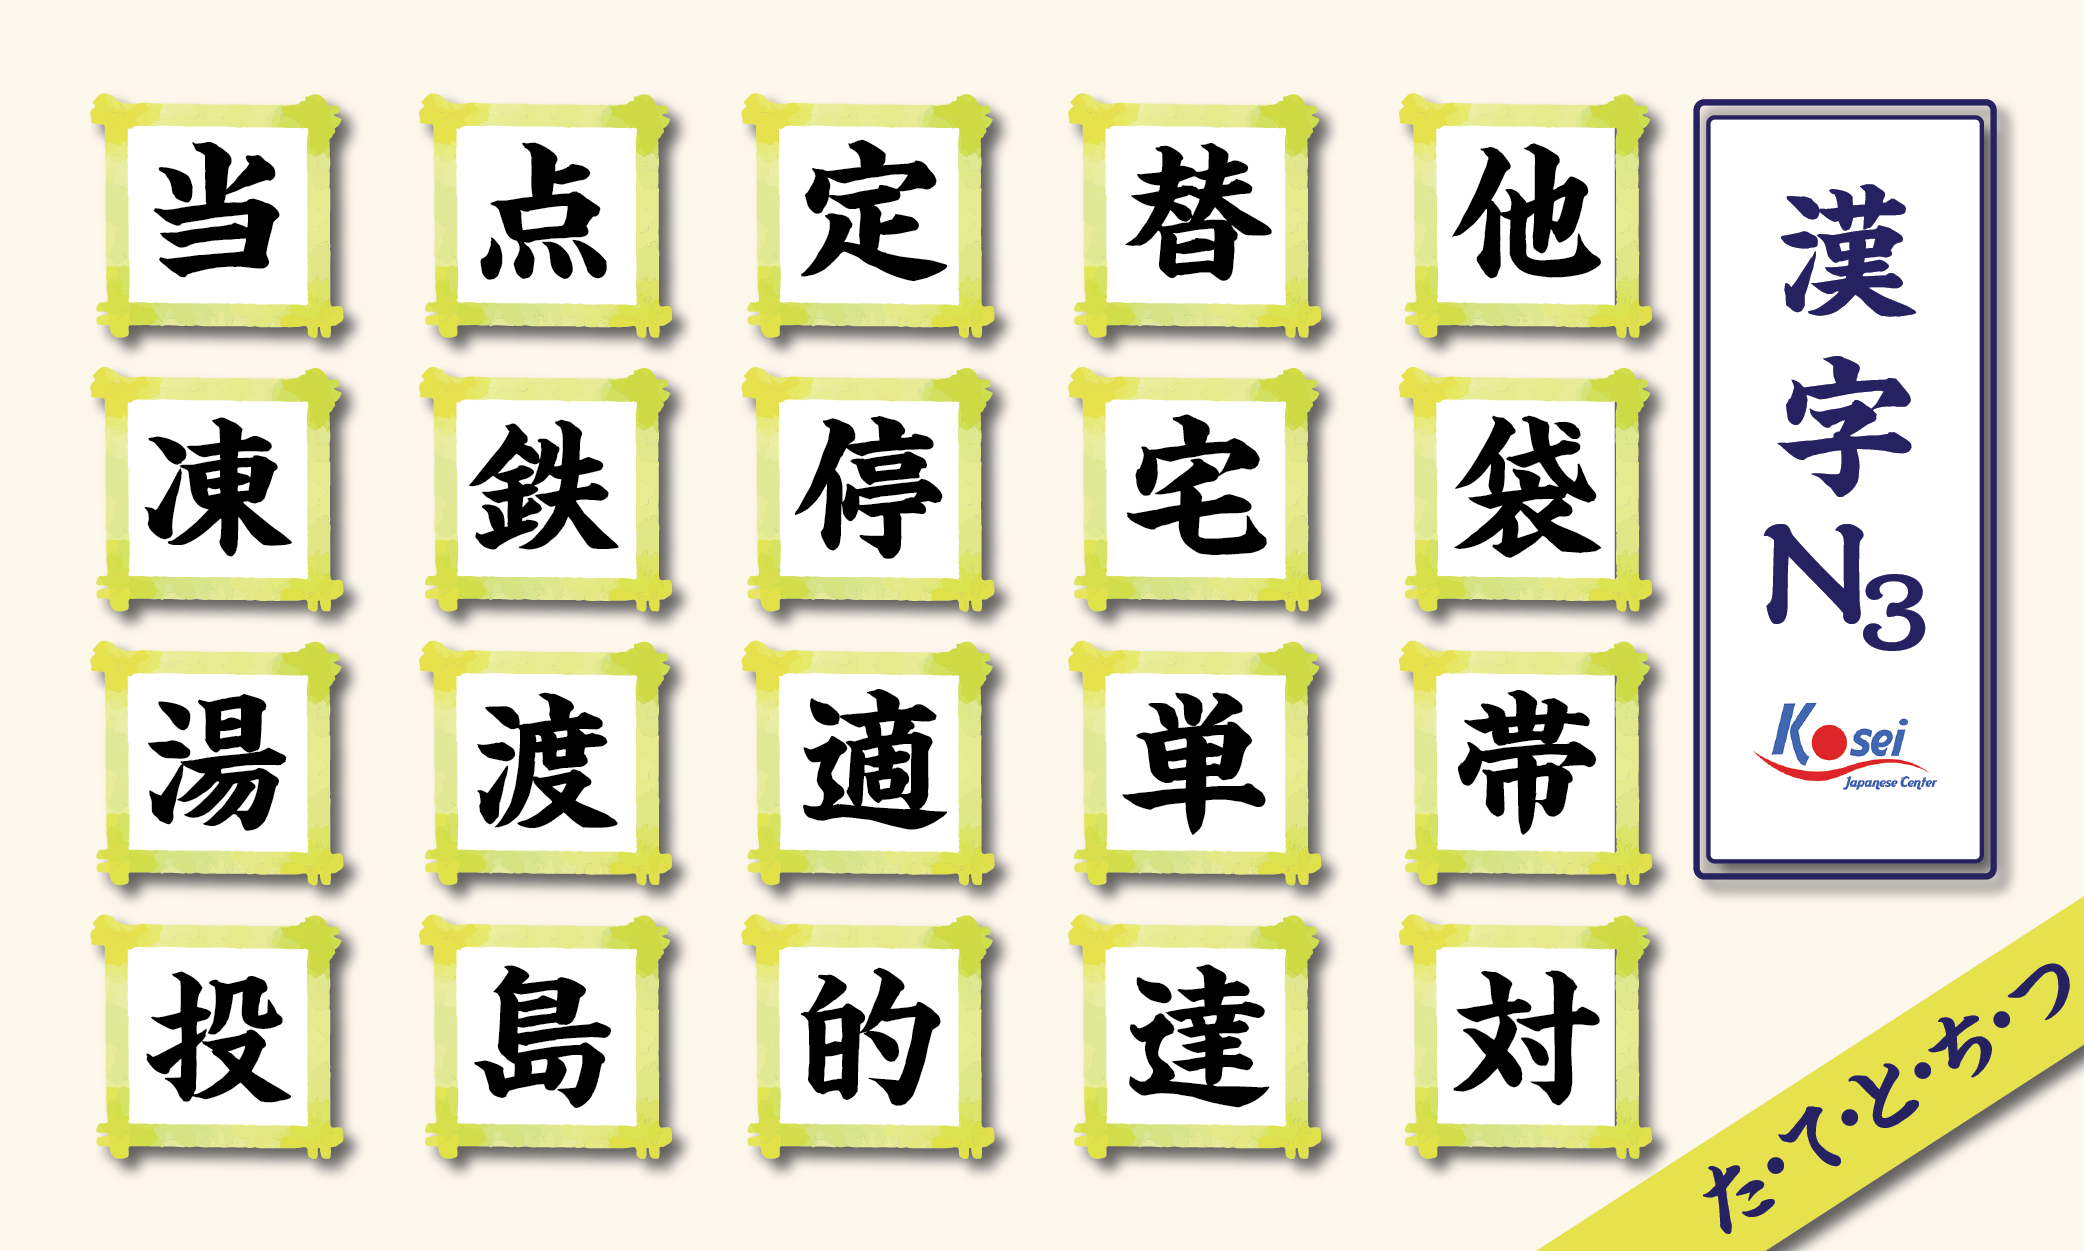 Tổng hợp Kanji N3 theo âm on: hàng T